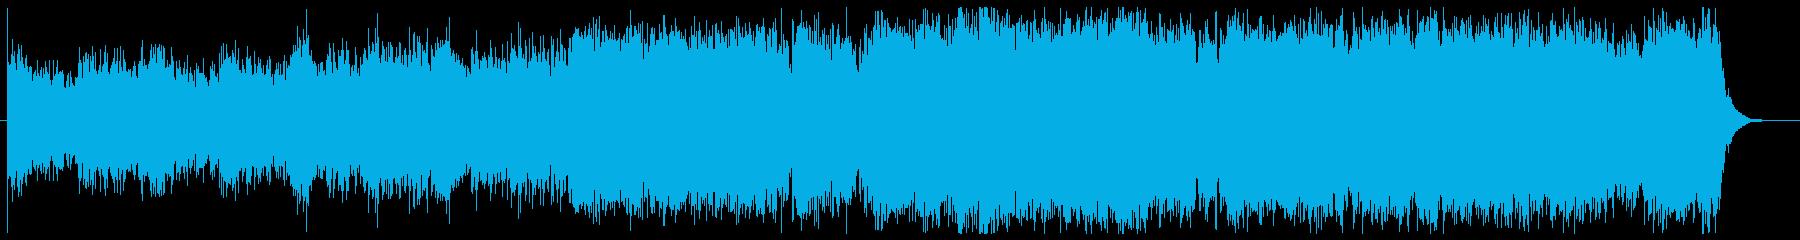 気がかり、不安を表現した1曲の再生済みの波形